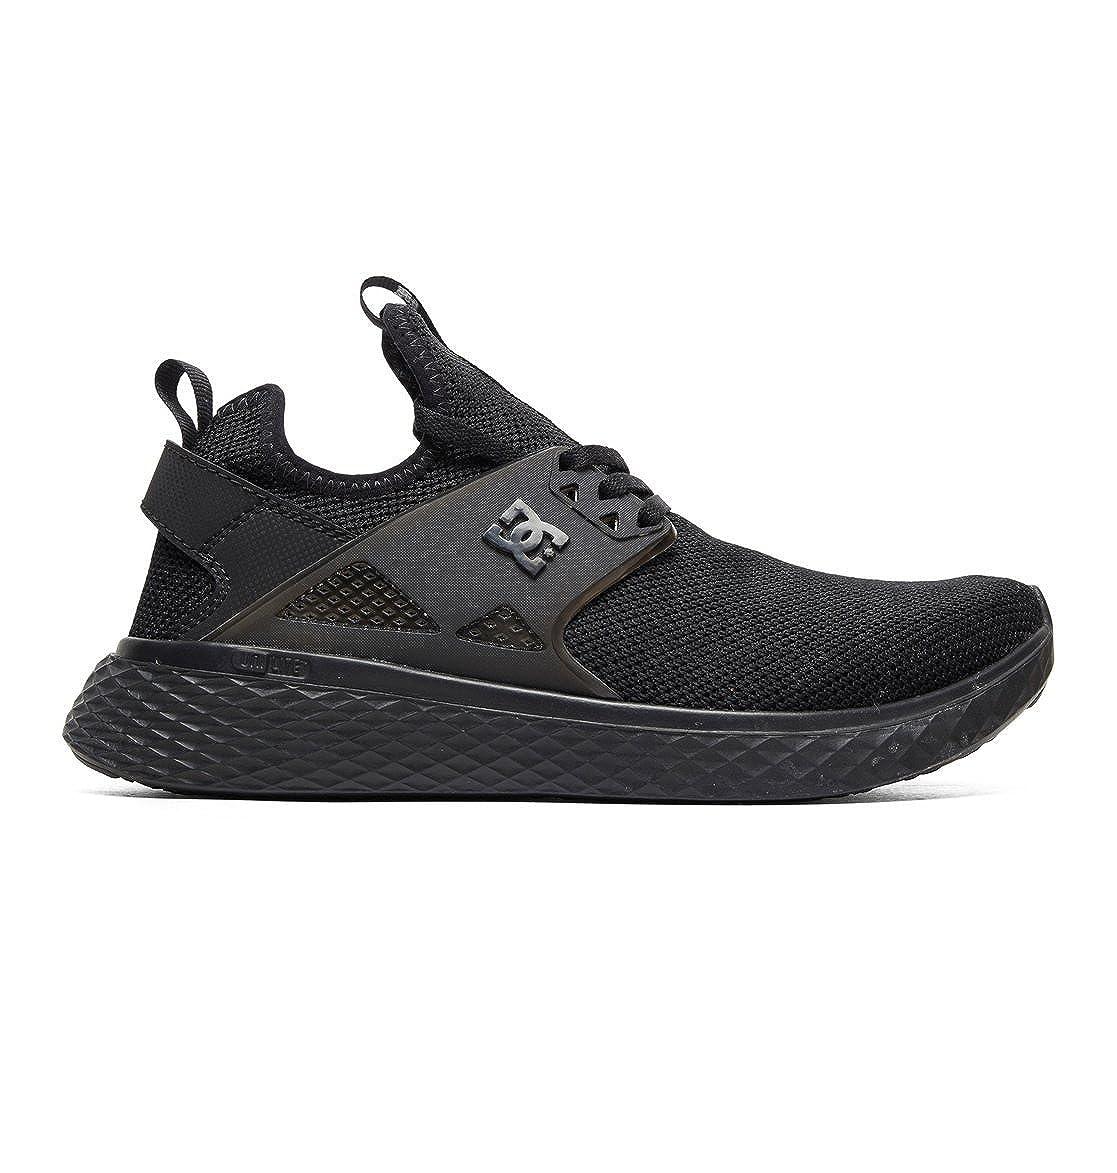 DC schuhe Meridian - Schuhe für Männer ADYS700125  | Beliebte Empfehlung